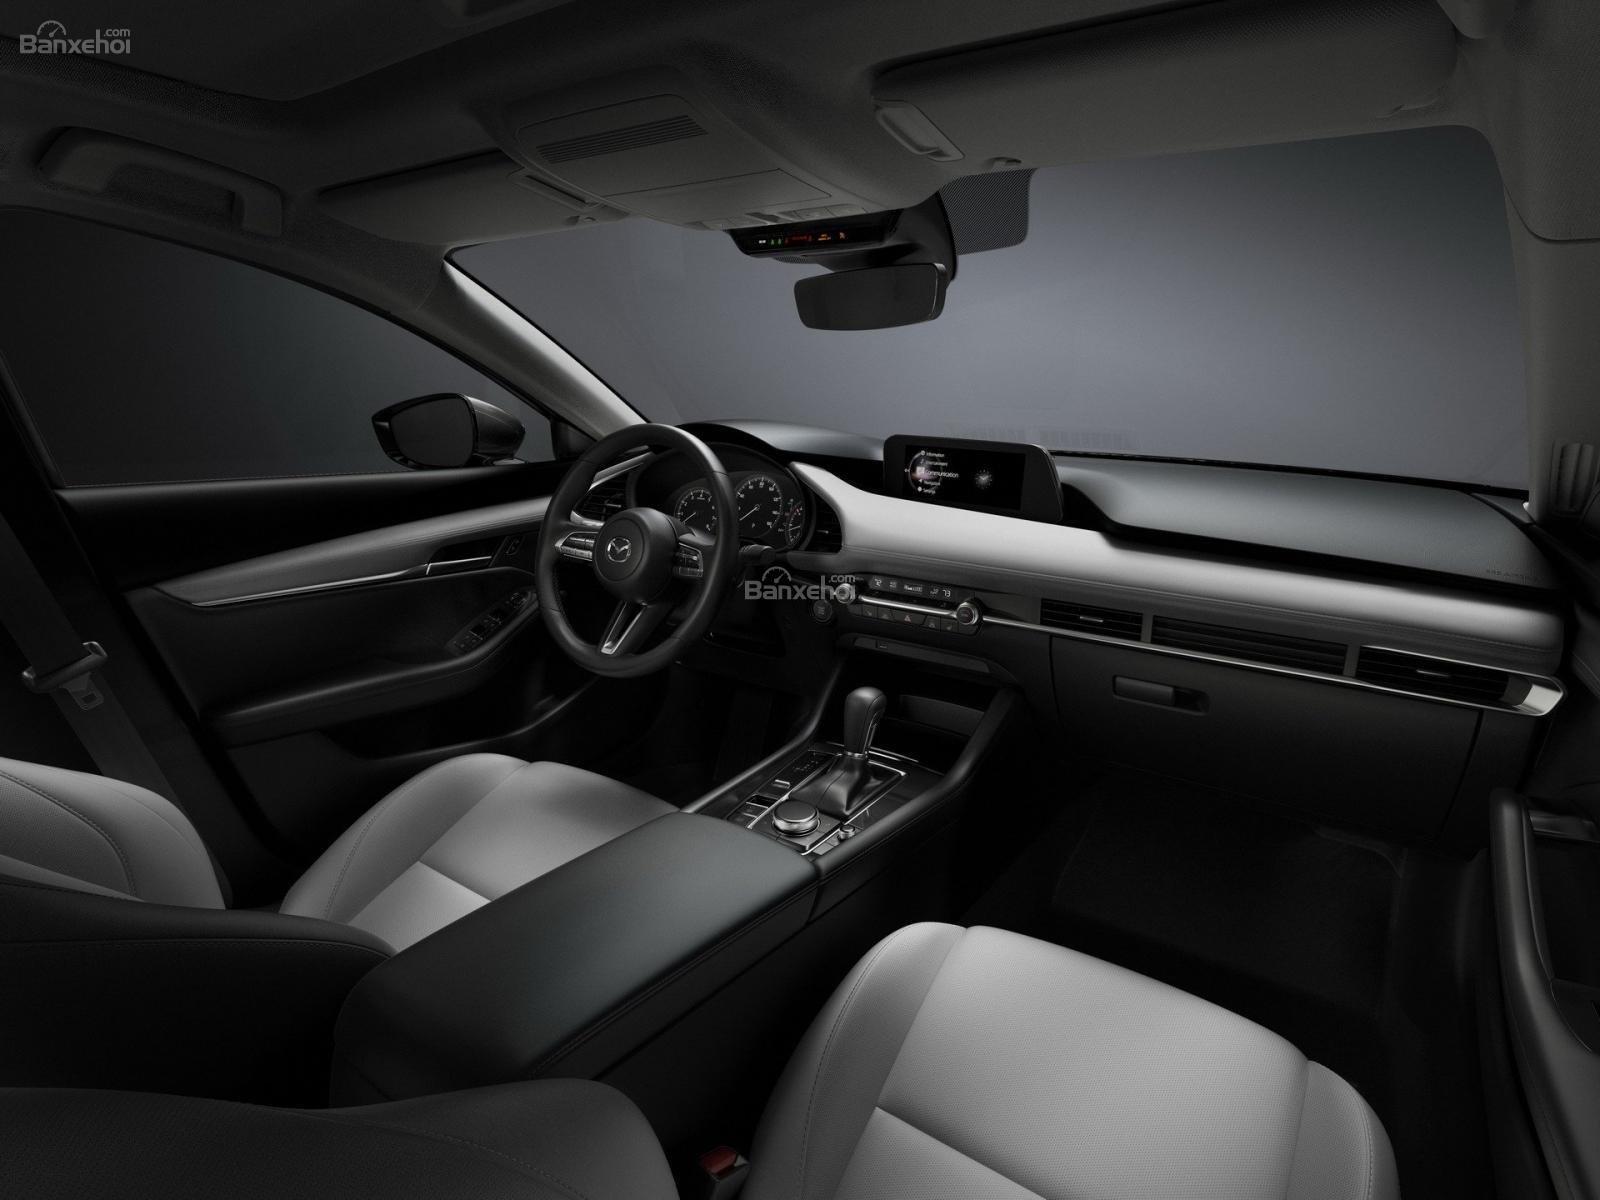 Ảnh nội thất Mazda 3 2019 a2